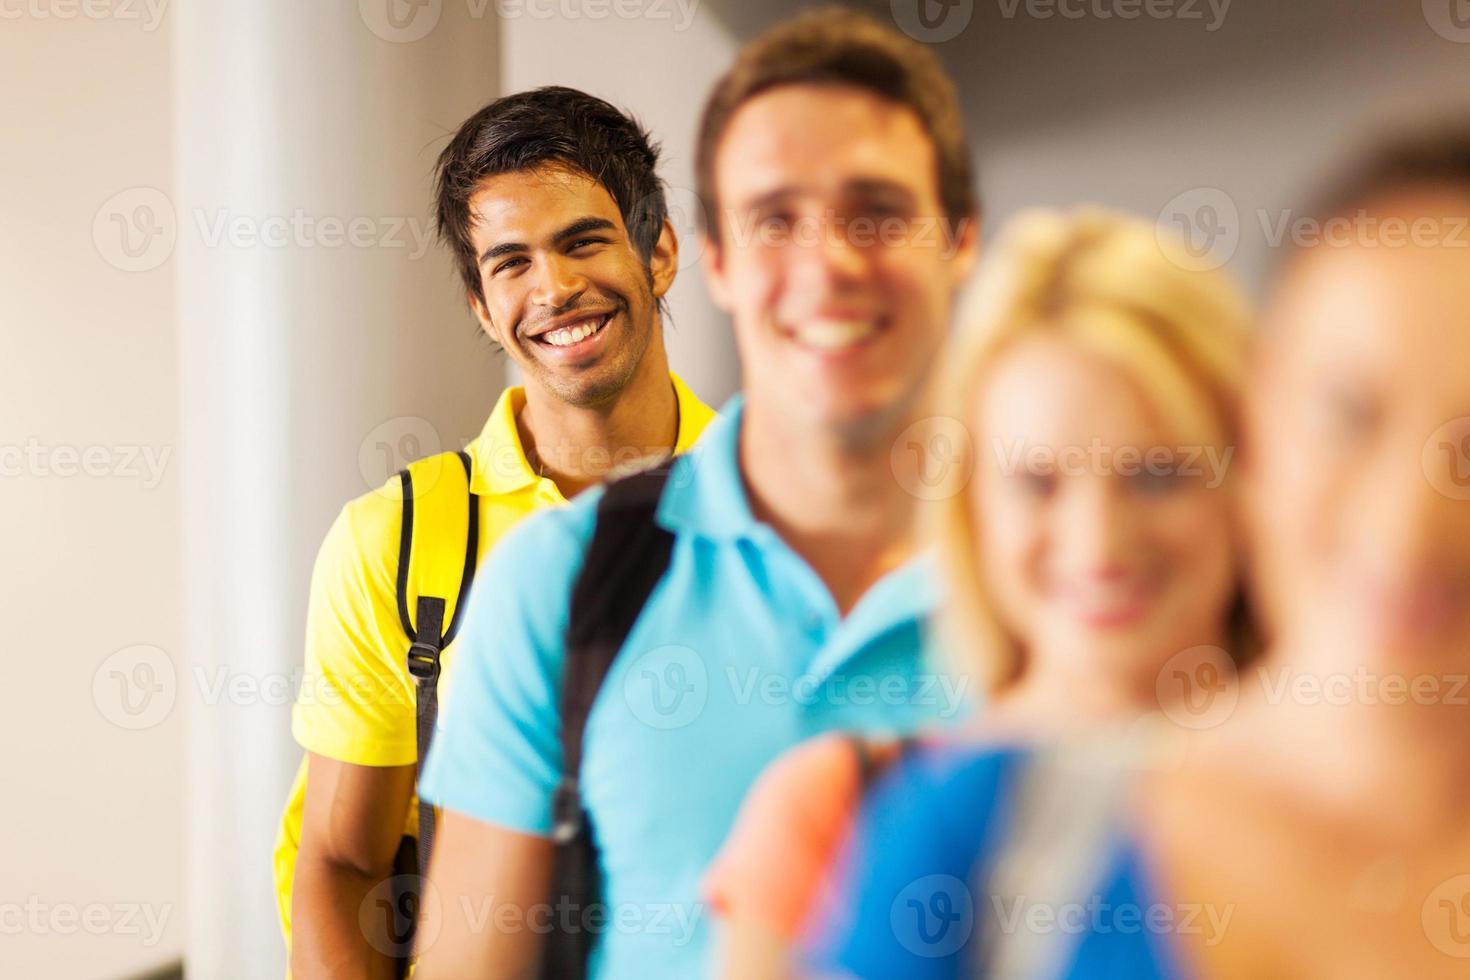 Indiase mannelijke student op een rij staan foto